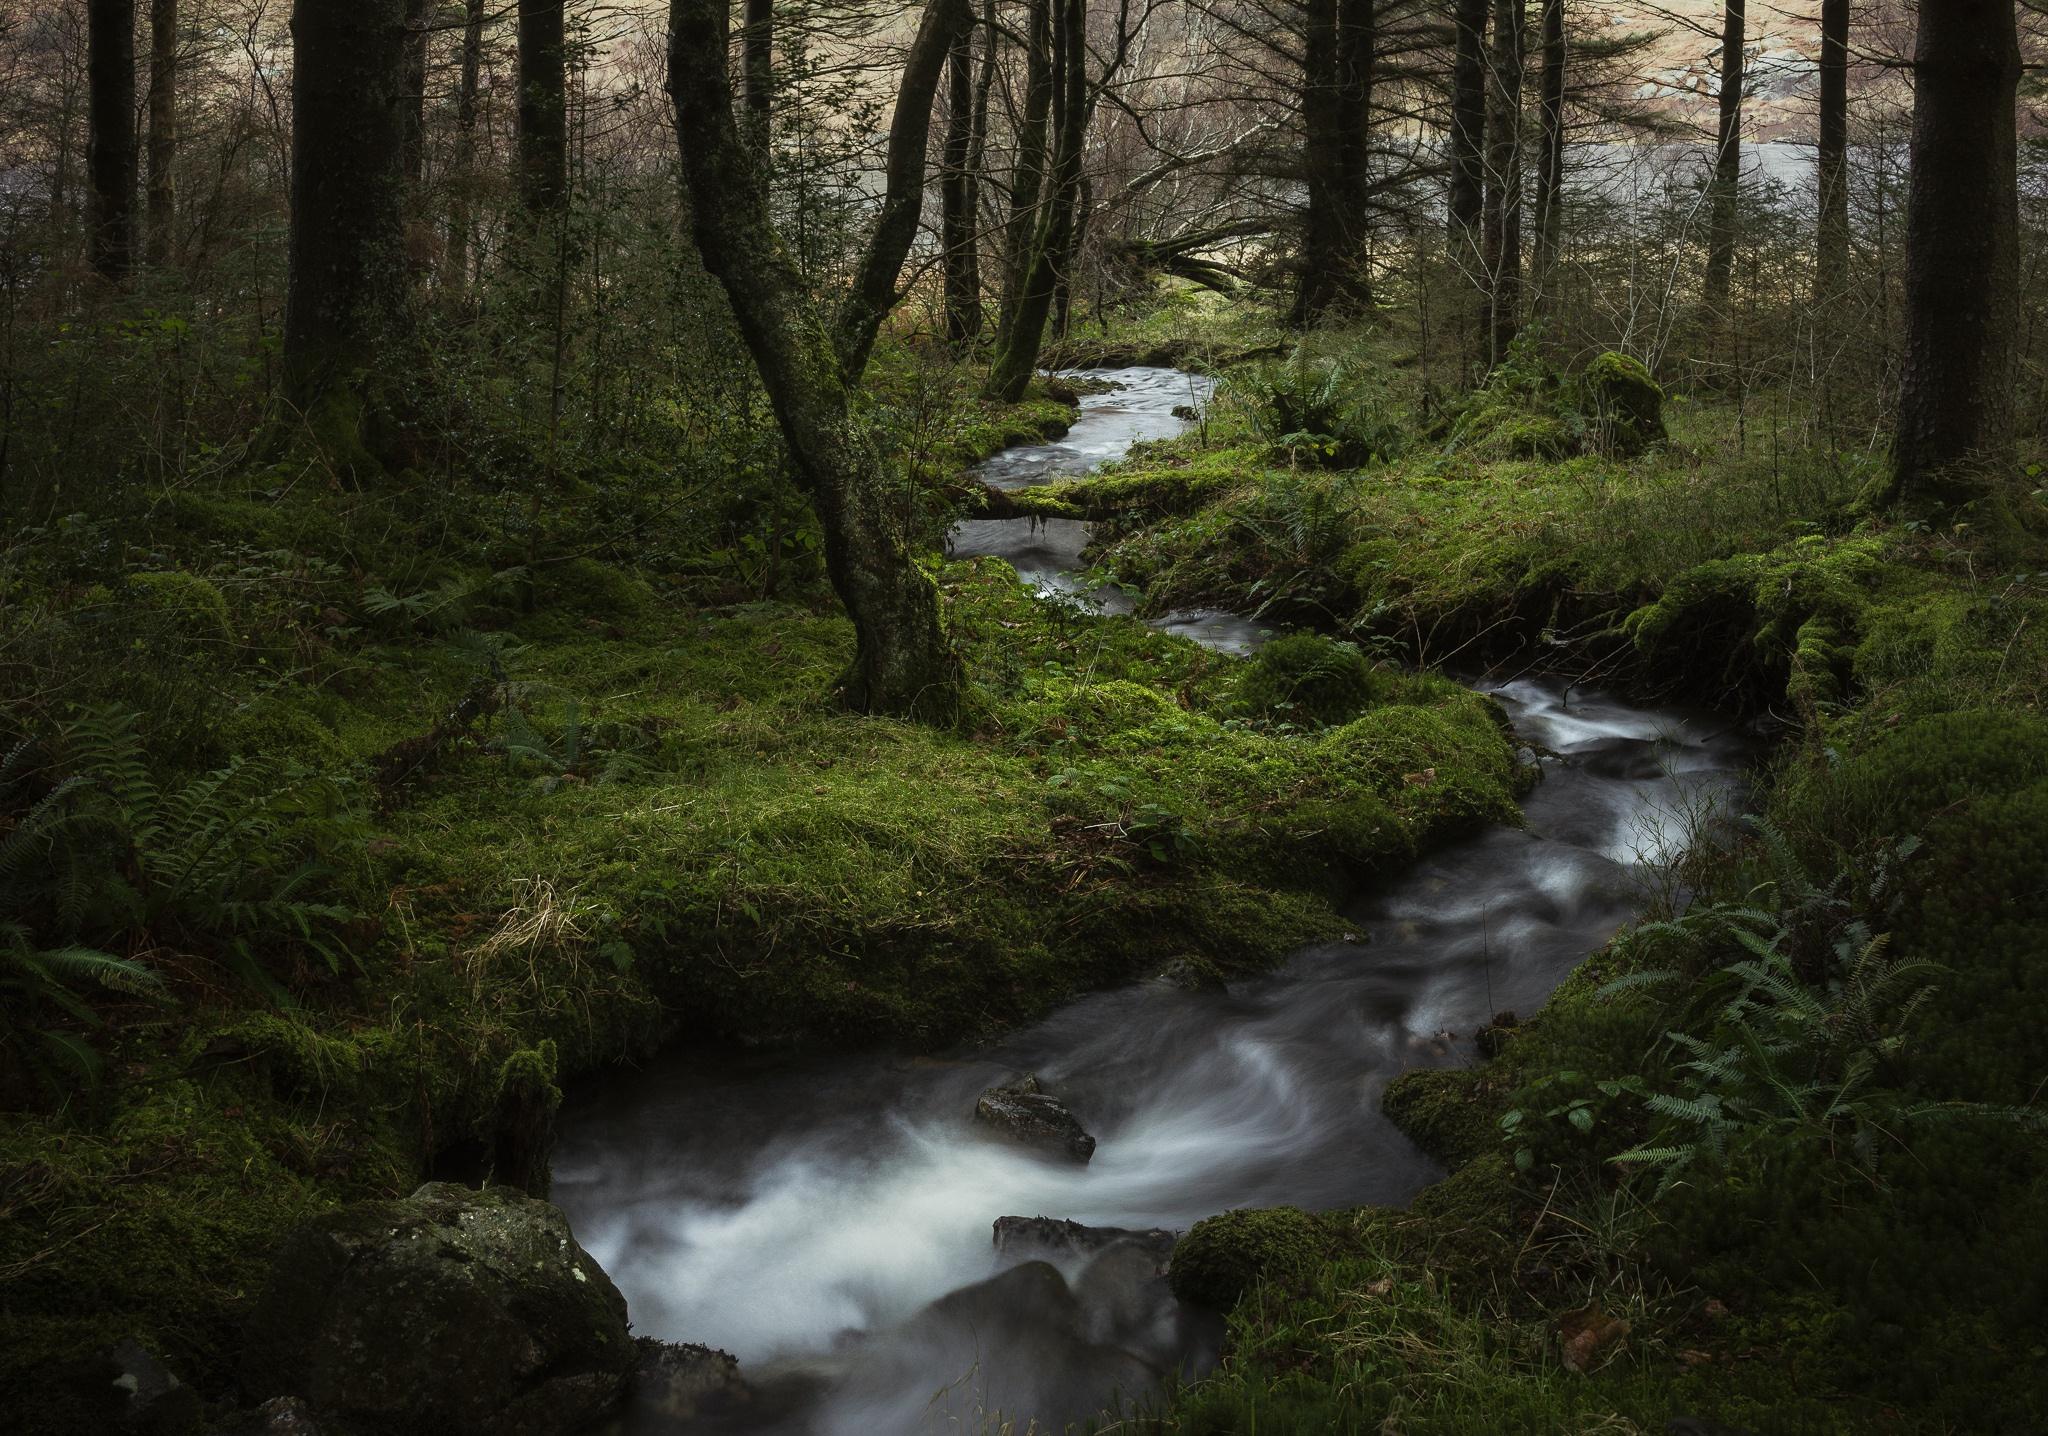 Картинка ручеек в лесу